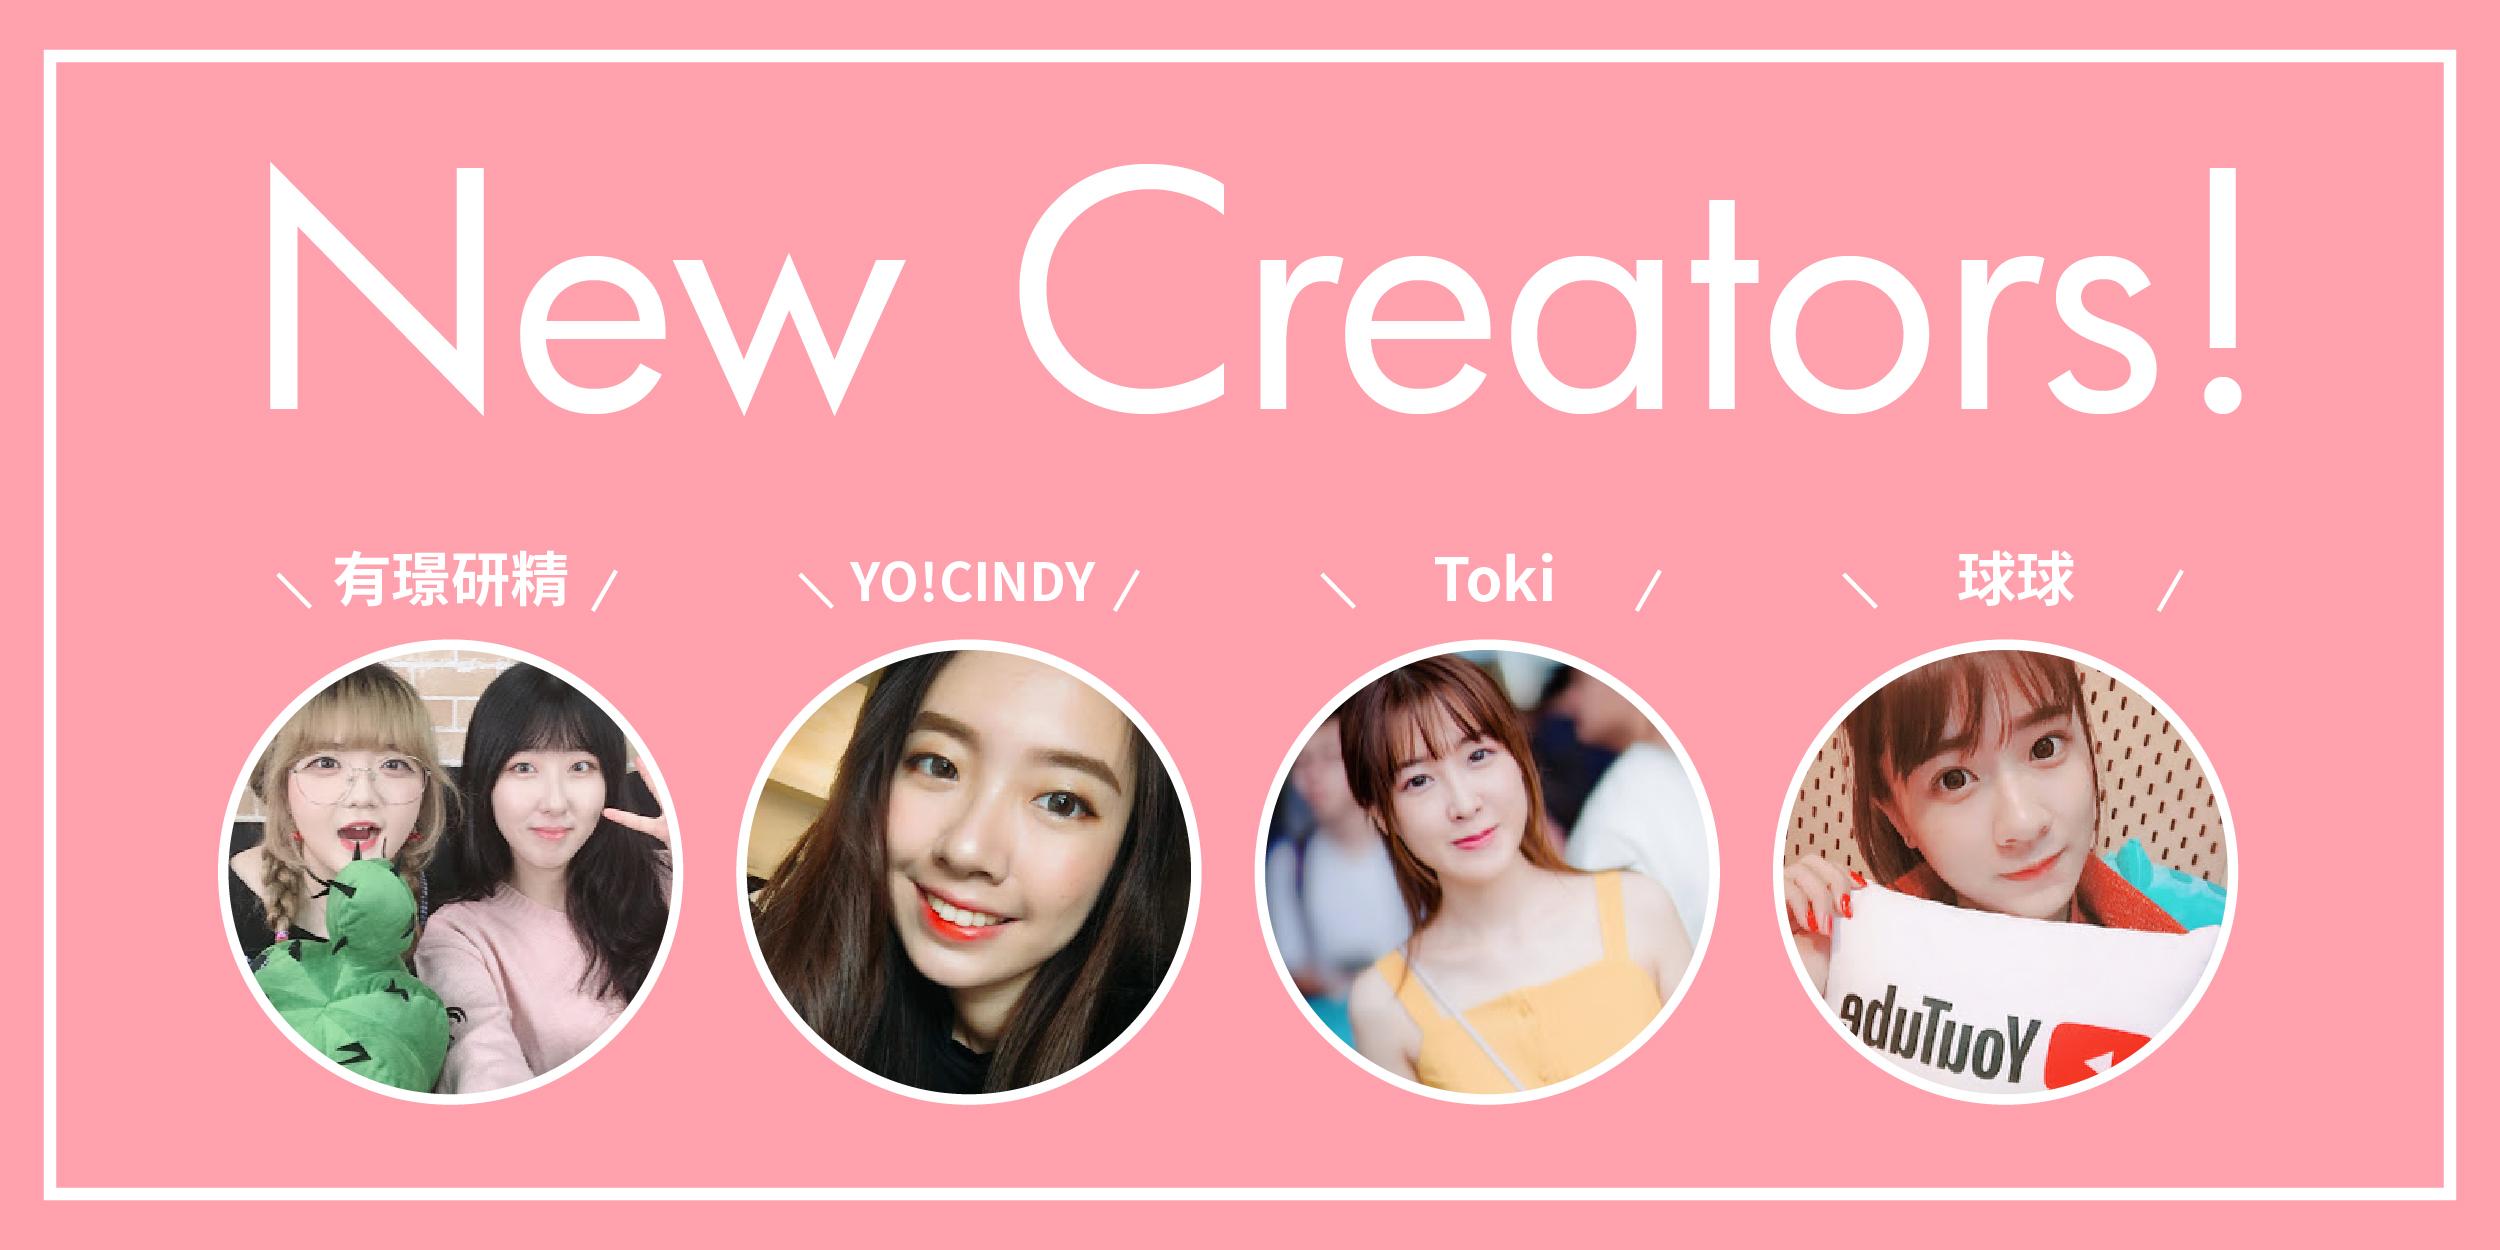 2019年1月新創作者介紹!歡迎球球Mika、有璟妍精、YO CINDY、TOKI懶生活